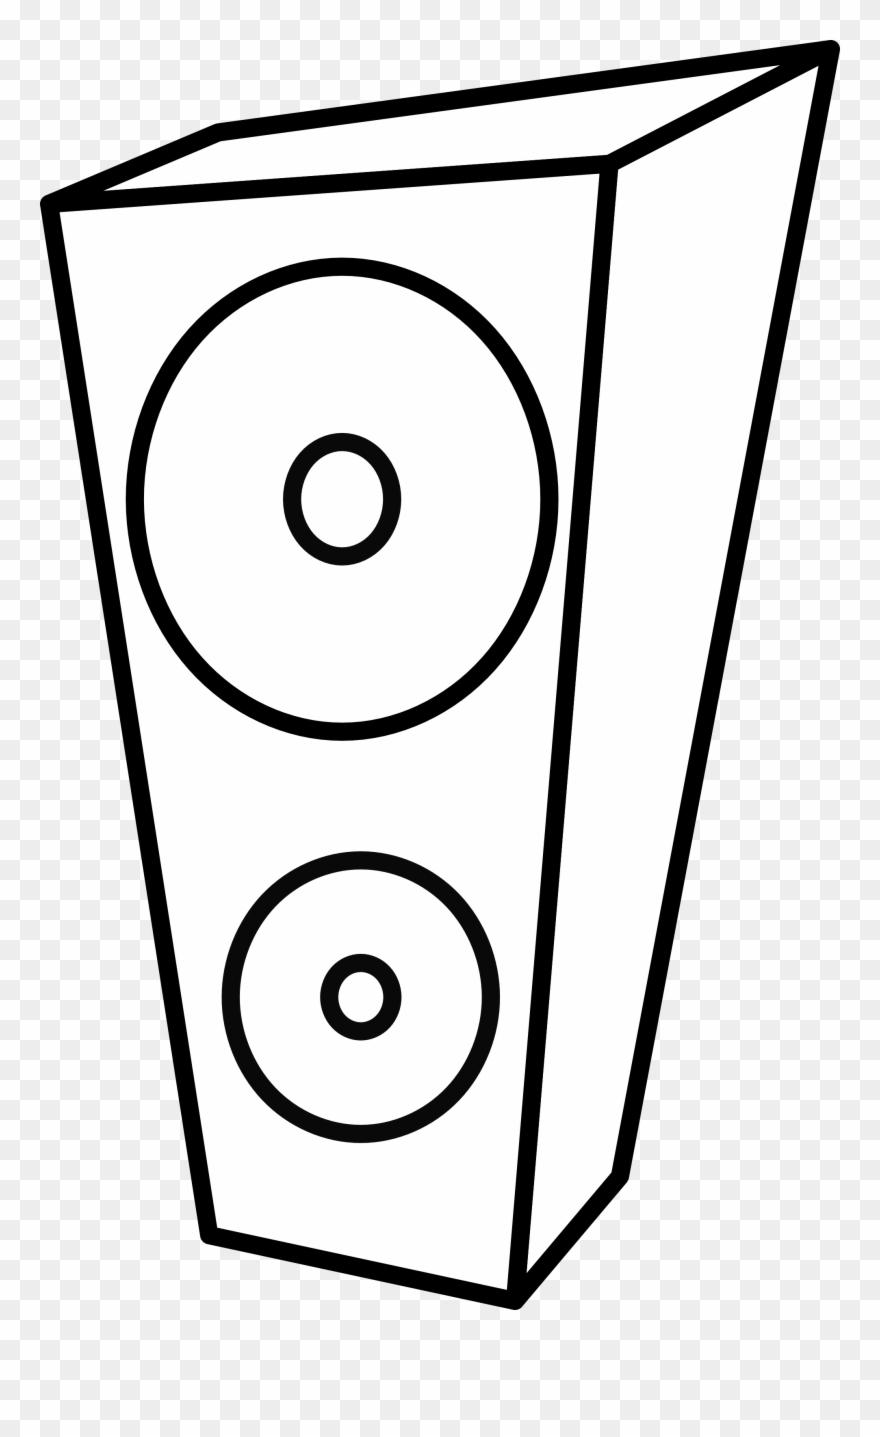 White speakers clipart jpg transparent stock Lemmling Speaker Black White Line Art Artist Coloring ... jpg transparent stock